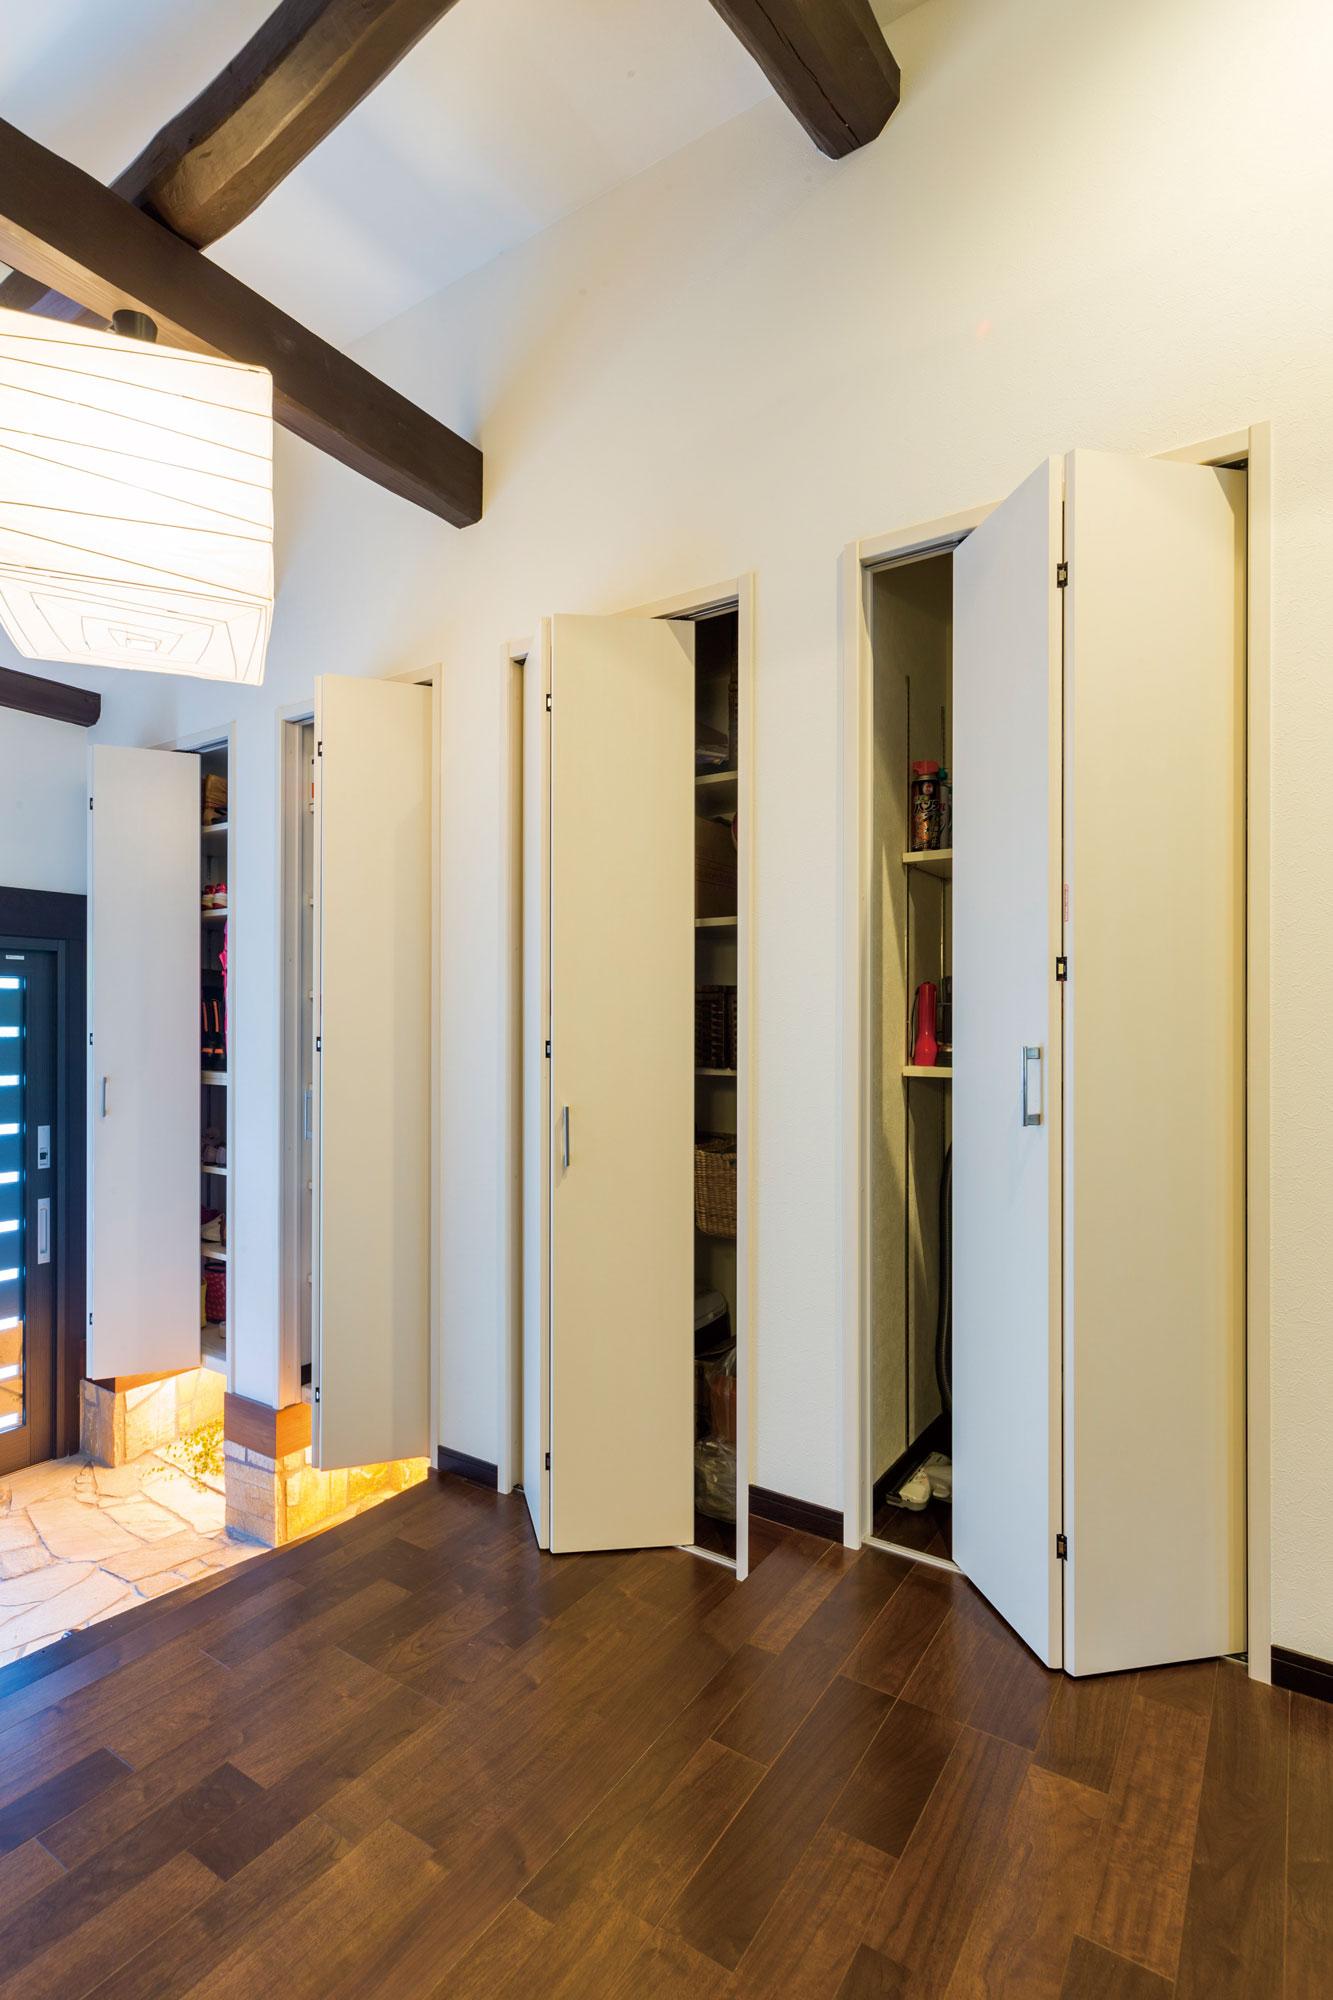 玄関の段差に合わせながら高さを揃えて設けられたユニークな扉付き収納。